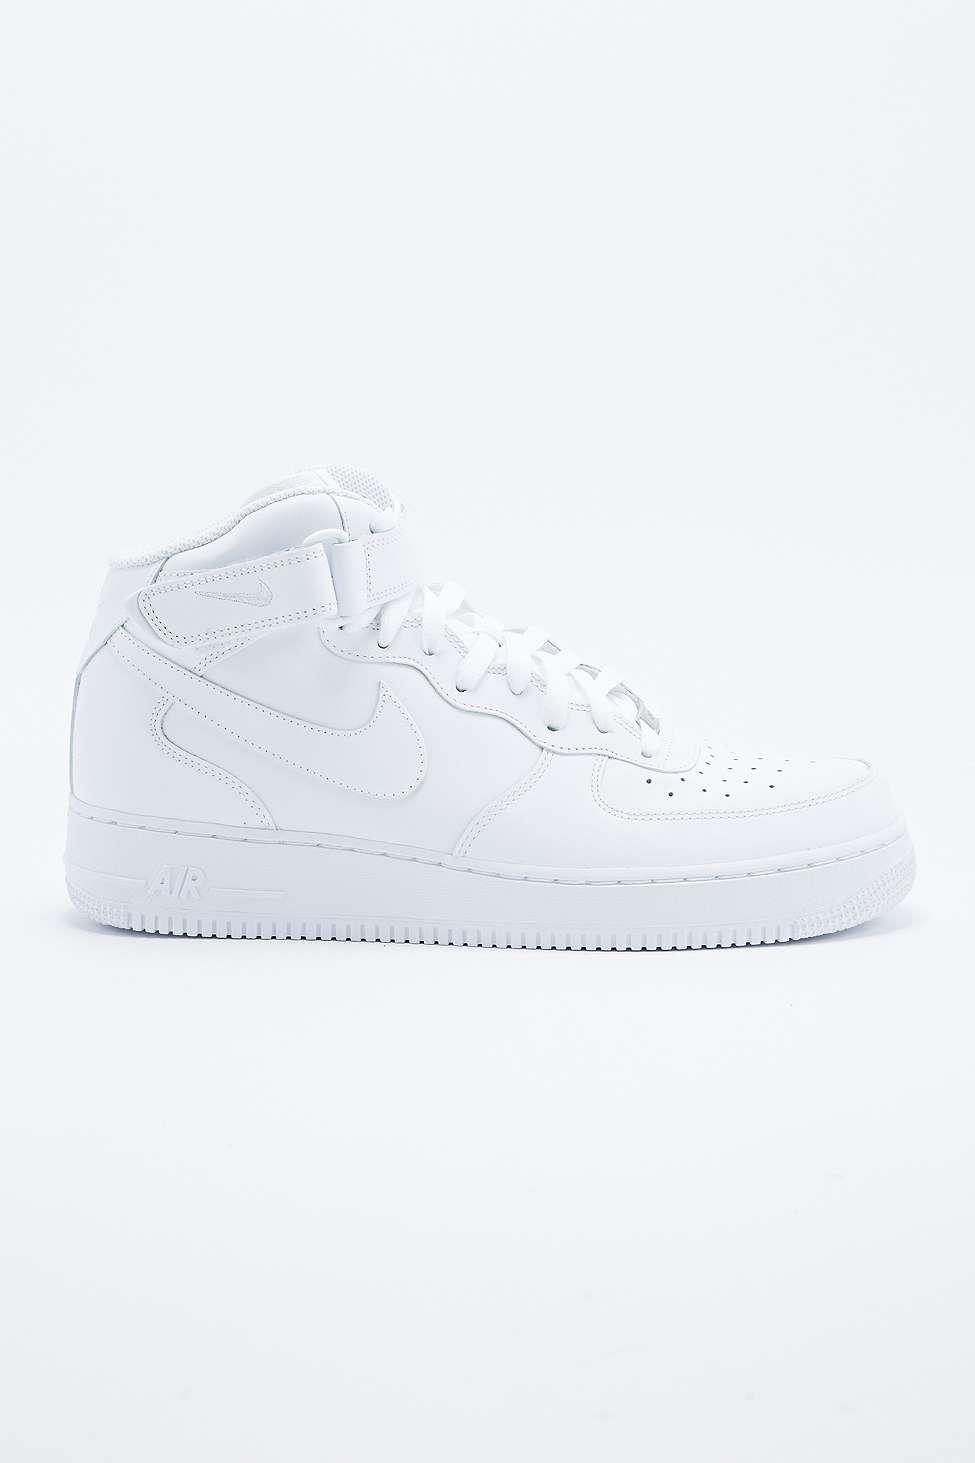 nike air force 1 2007 metà superiore formatori in bianco urban outfitters